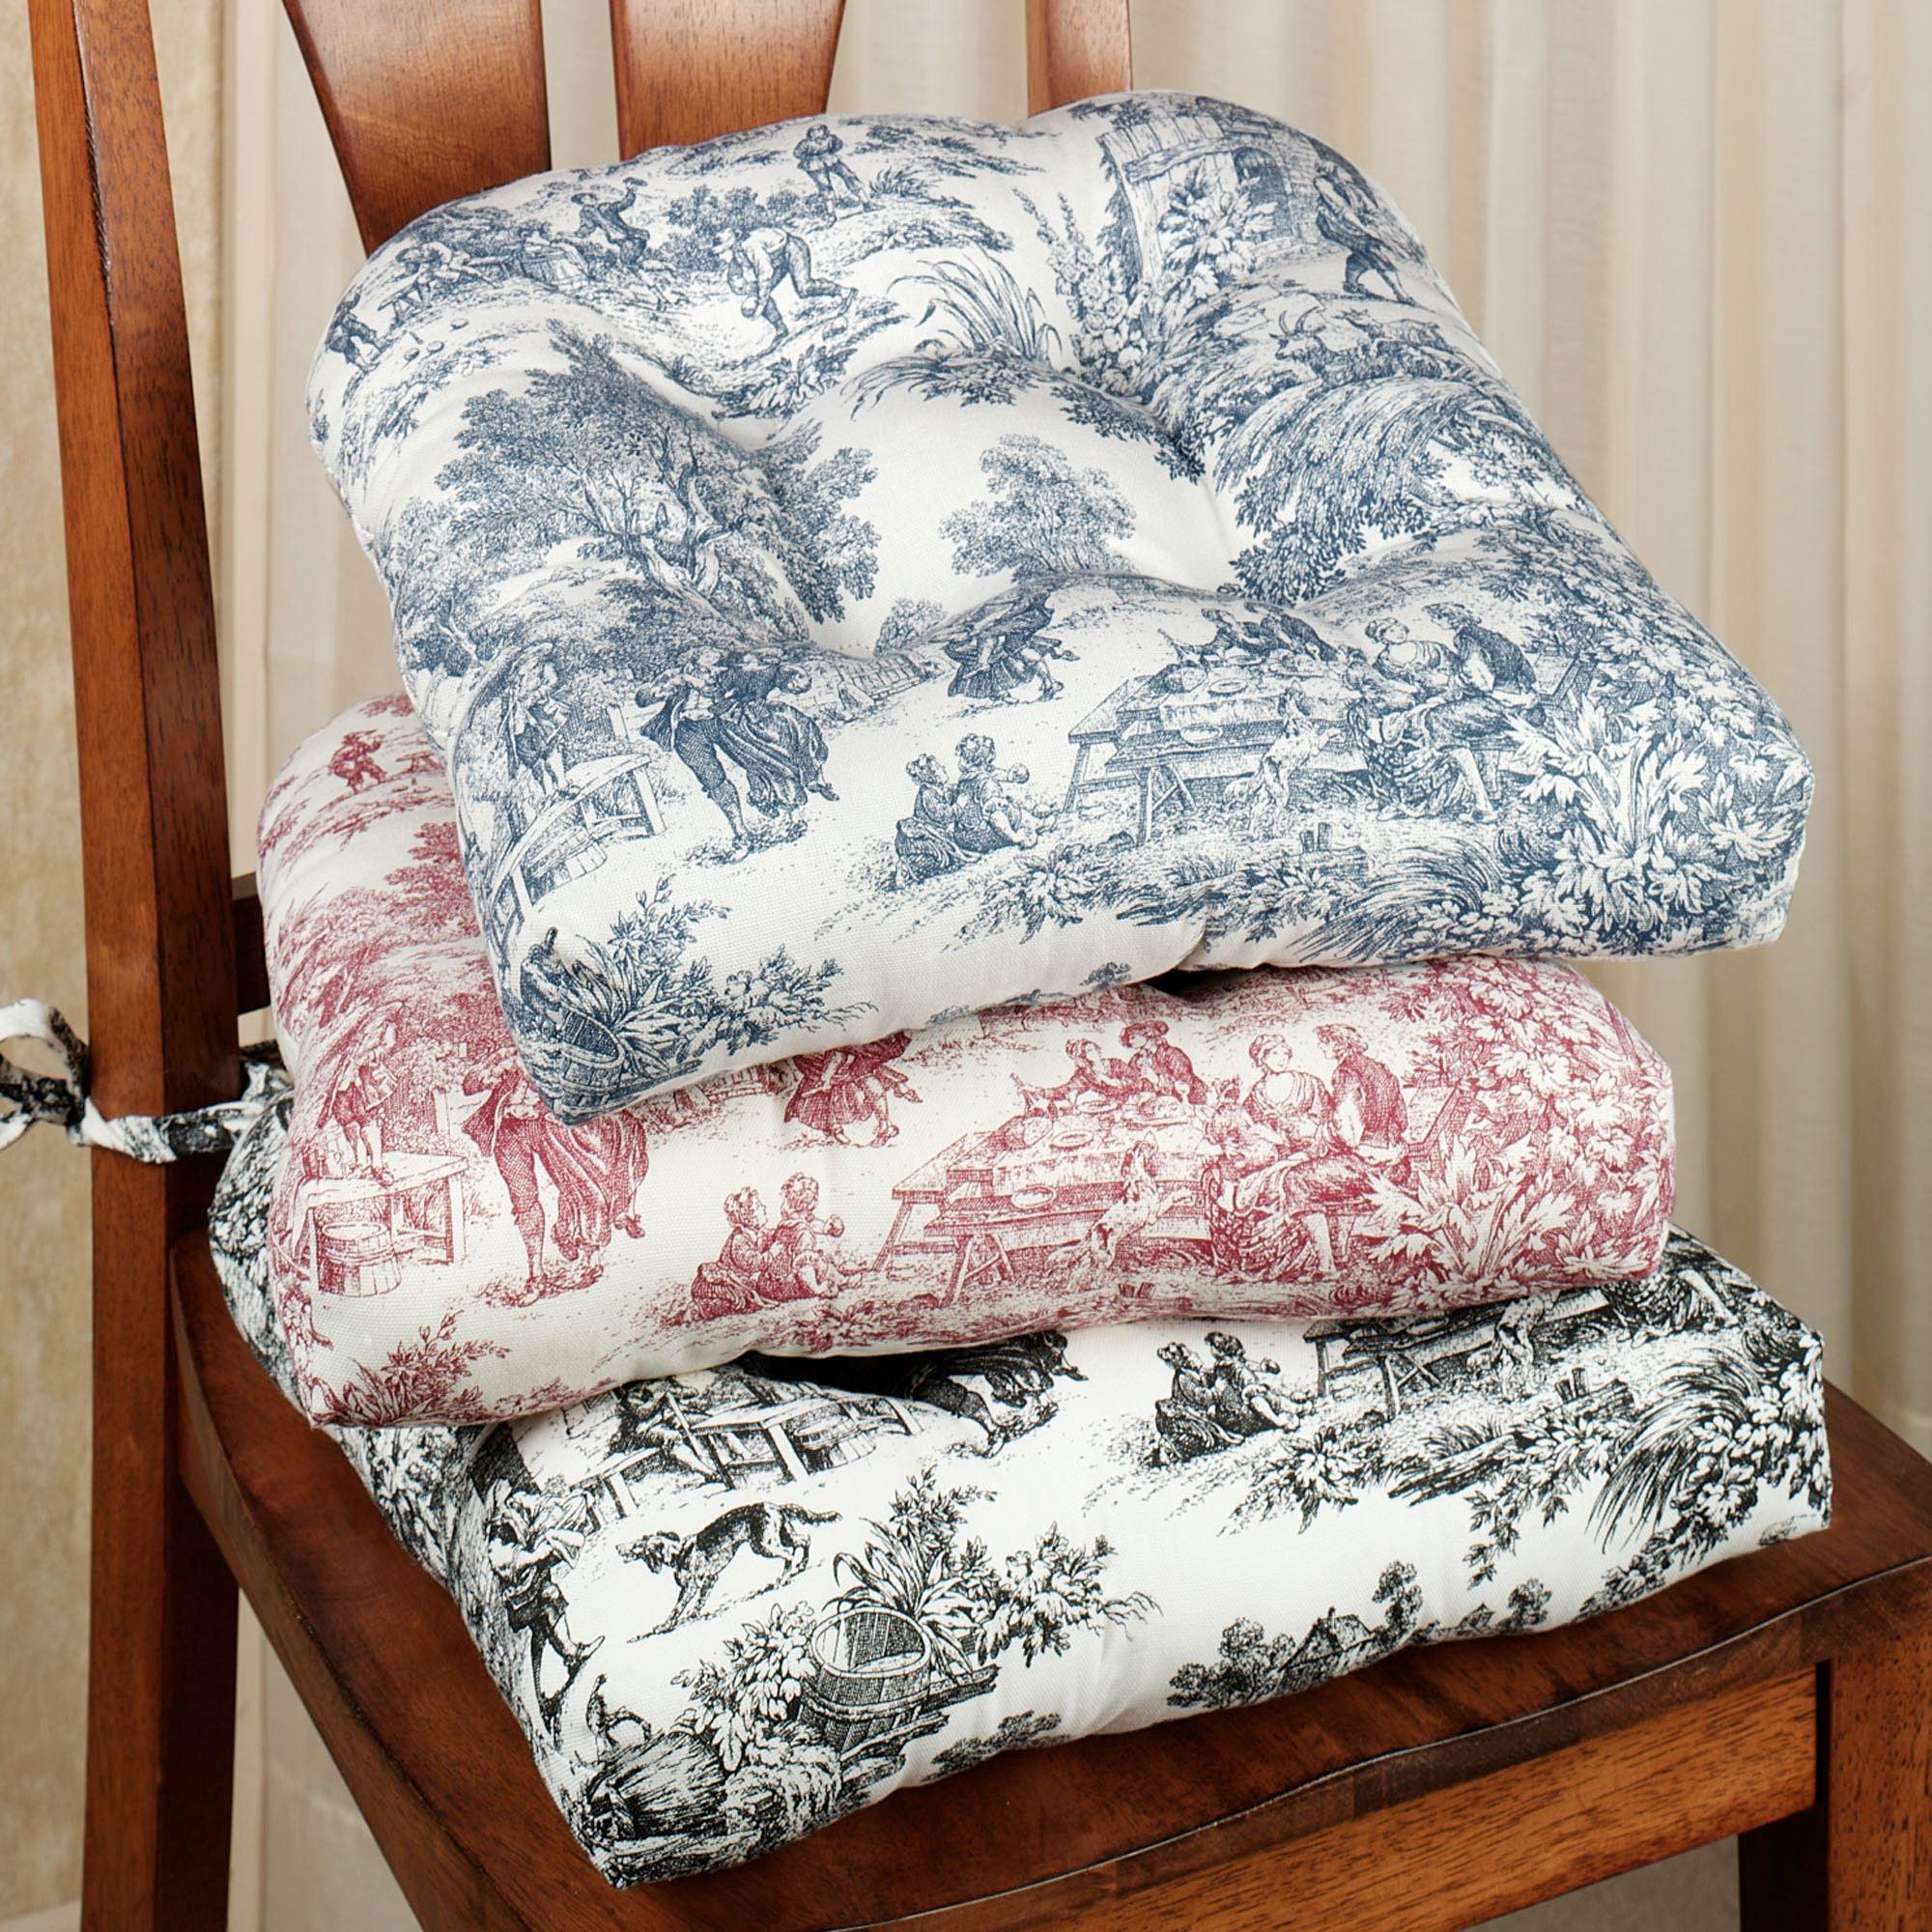 chair cushions victoria park chair cushion 15x14. click to expand IXXGCEW